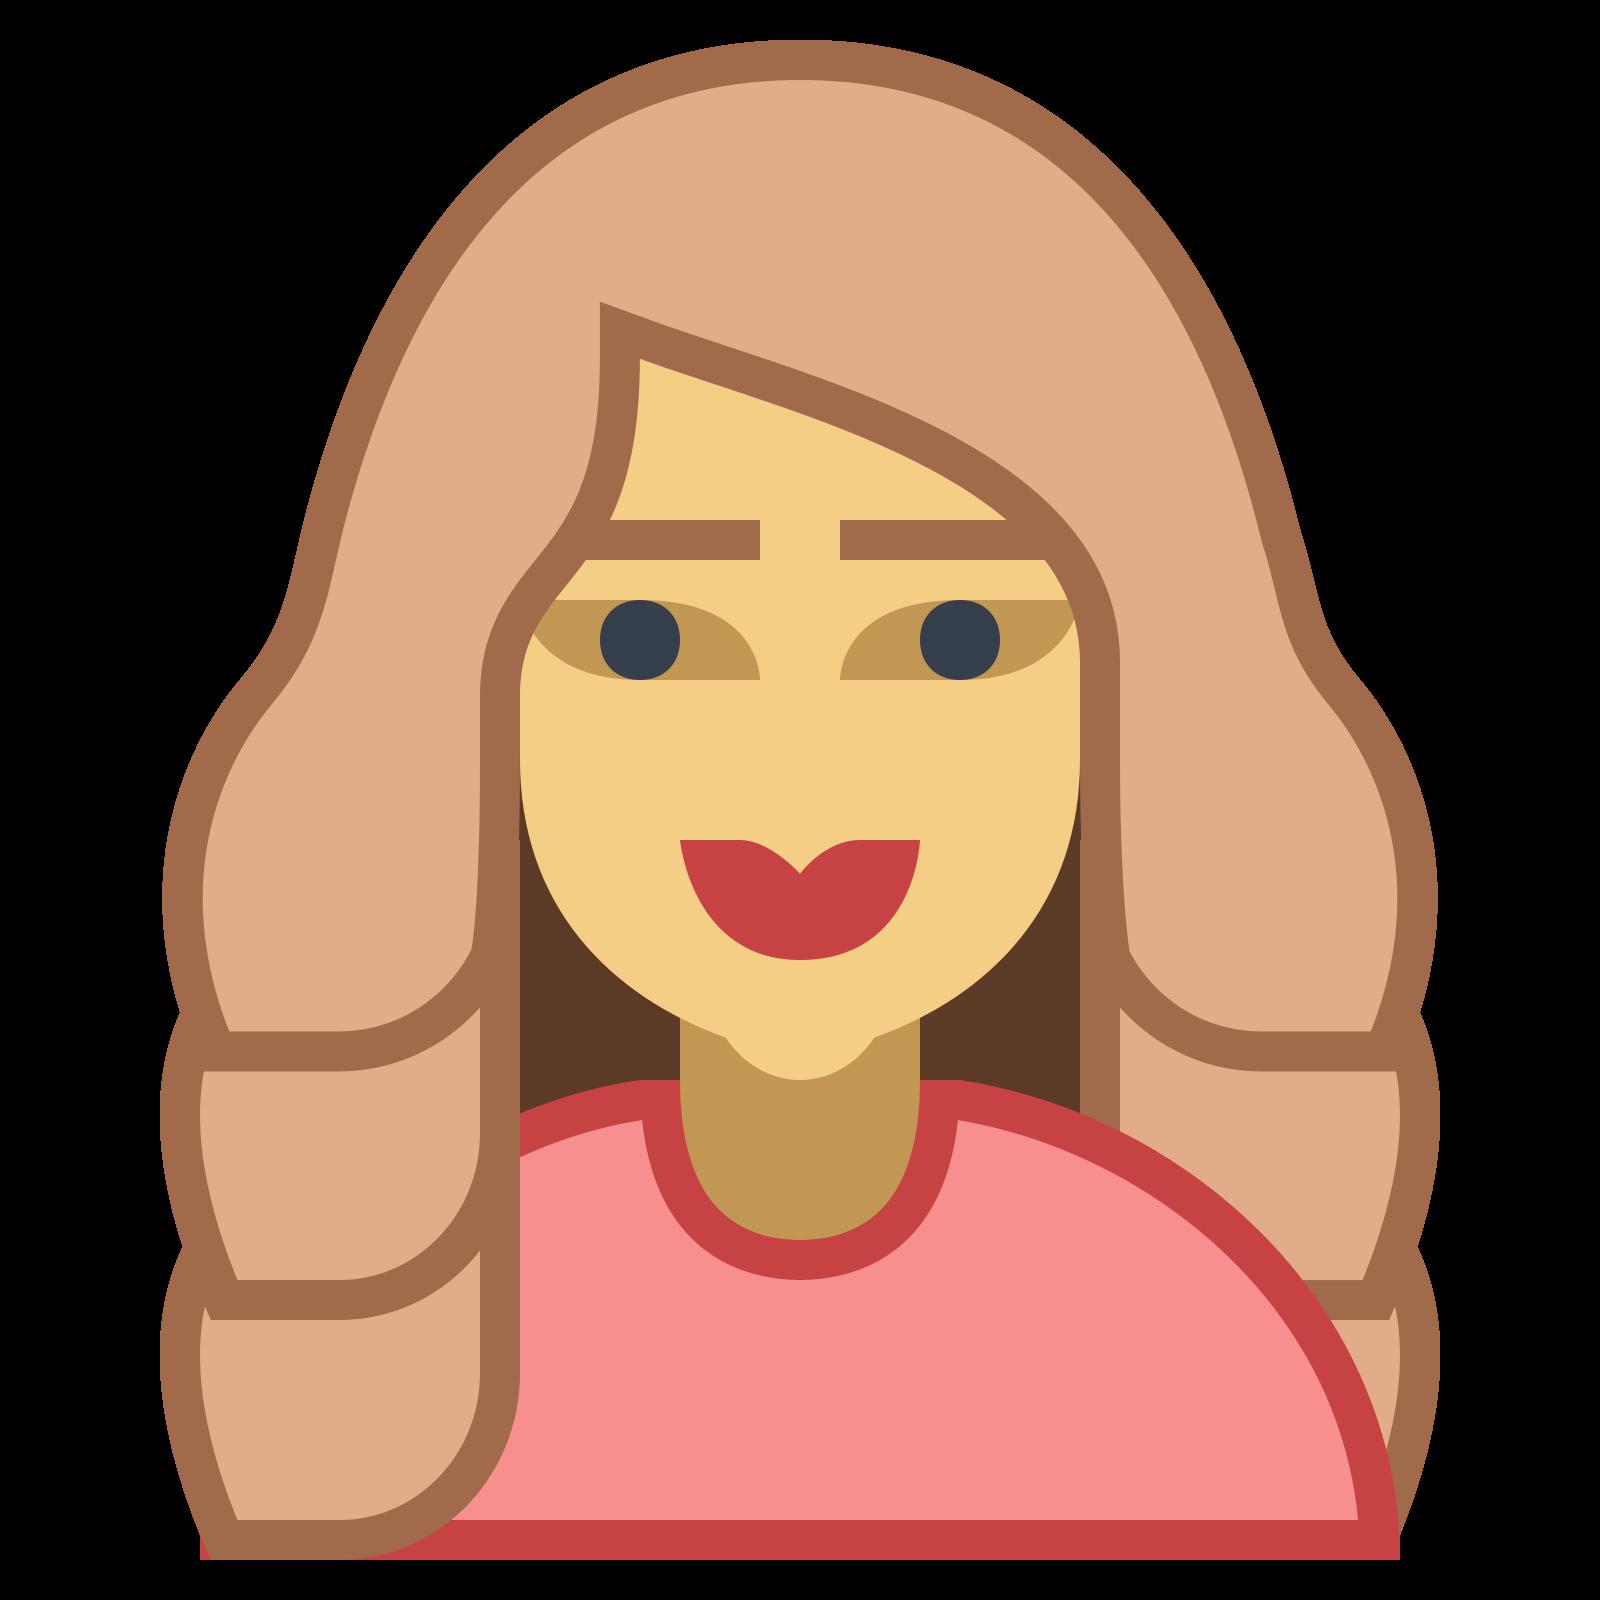 セレナ・ゴメス icon